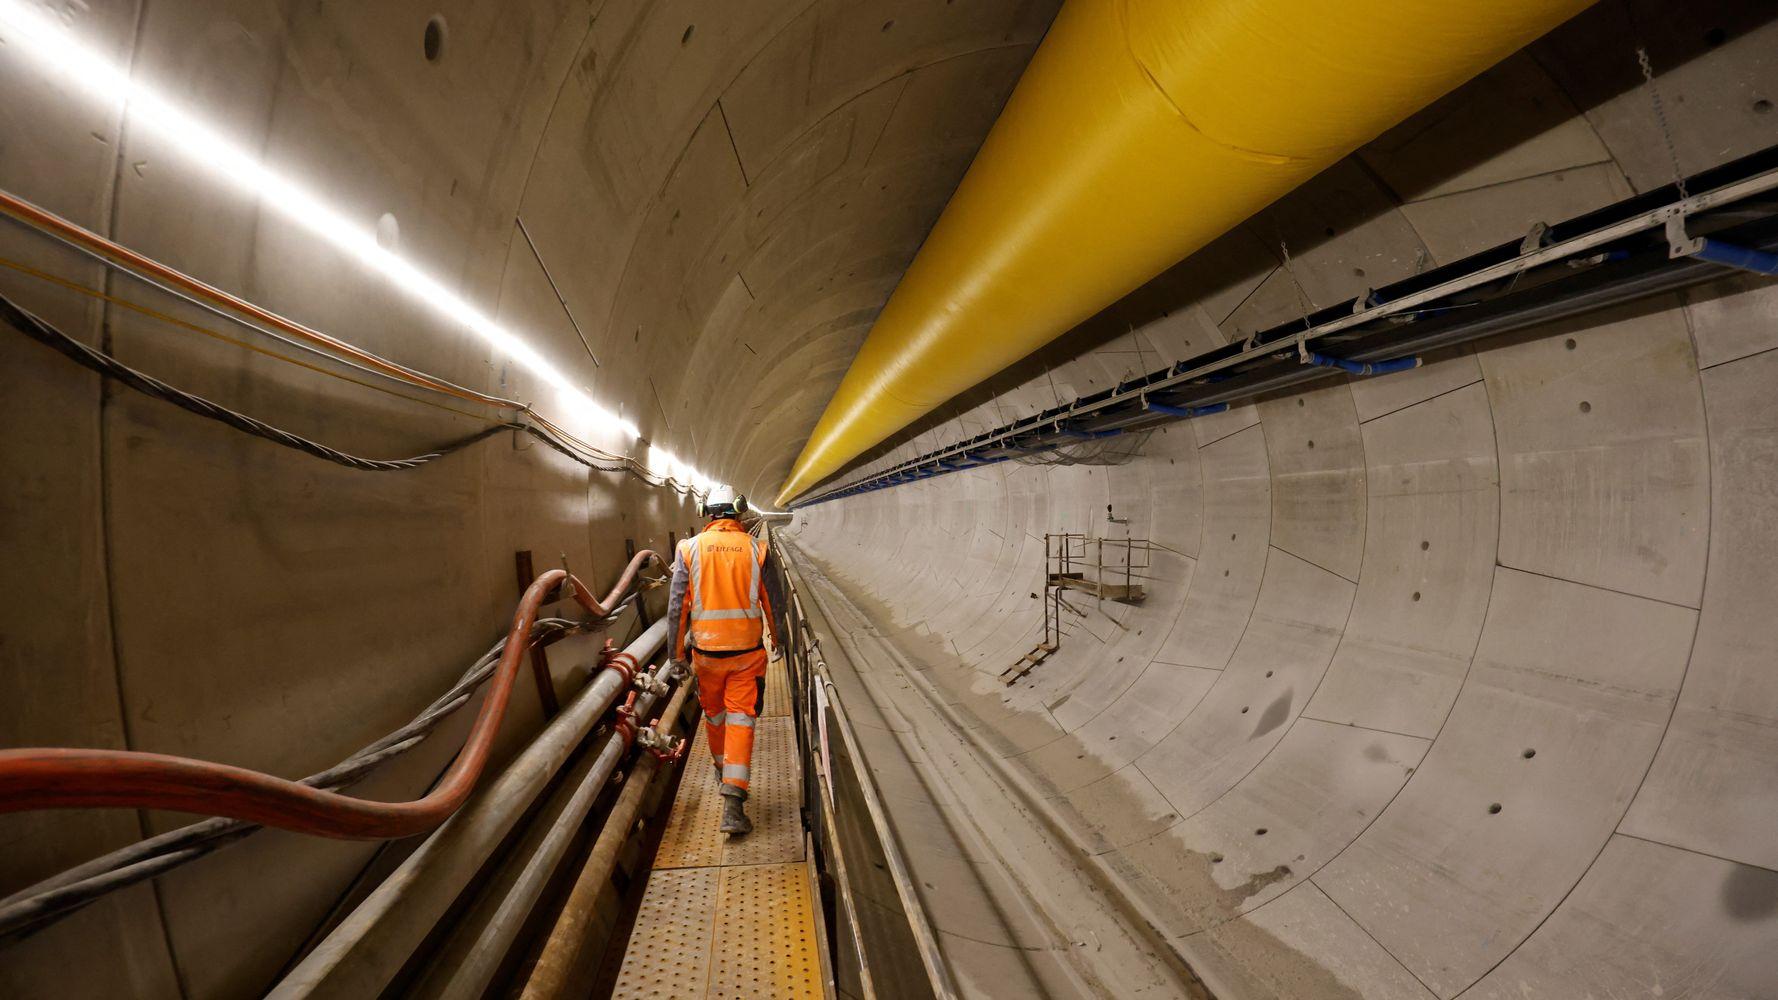 La ligne 16 du métro du Grand Paris ne sera pas prête pour les JO 2024